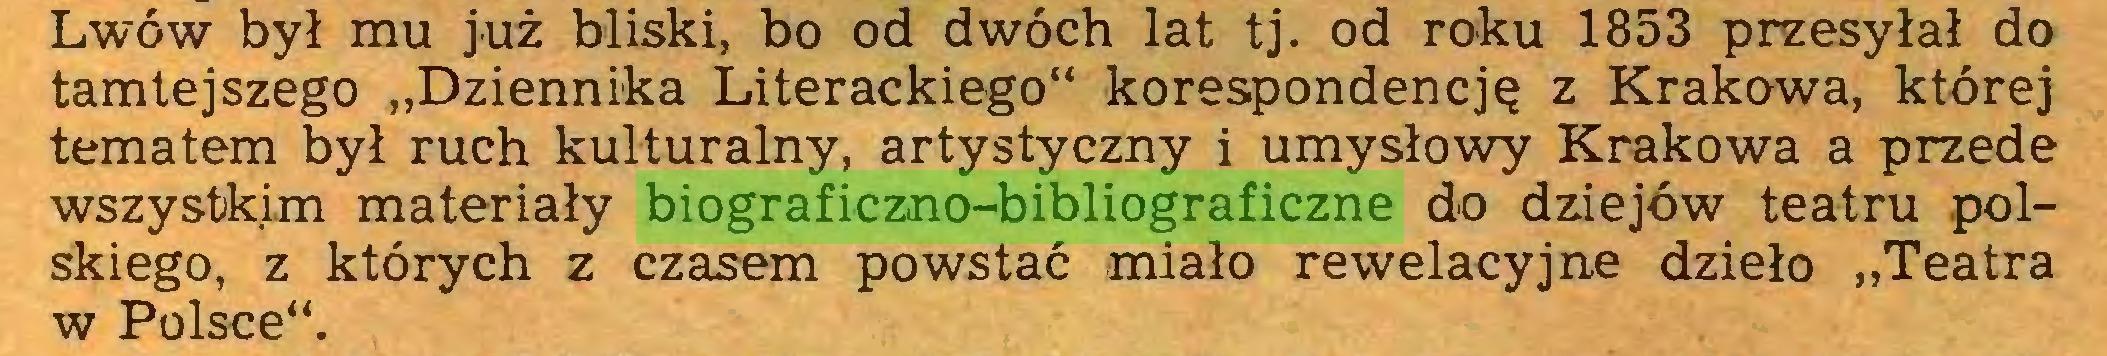 """(...) Lwów był mu już bliski, bo od dwóch lat tj. od roku 1853 przesyłał do tamtejszego """"Dziennika Literackiego"""" korespondencję z Krakowa, której tematem był ruch kulturalny, artystyczny i umysłowy Krakowa a przede wszystkim materiały biograficzno-bibliograficzne do dziejów teatru polskiego, z których z czasem powstać miało rewelacyjne dzieło """"Teatra w Polsce""""..."""